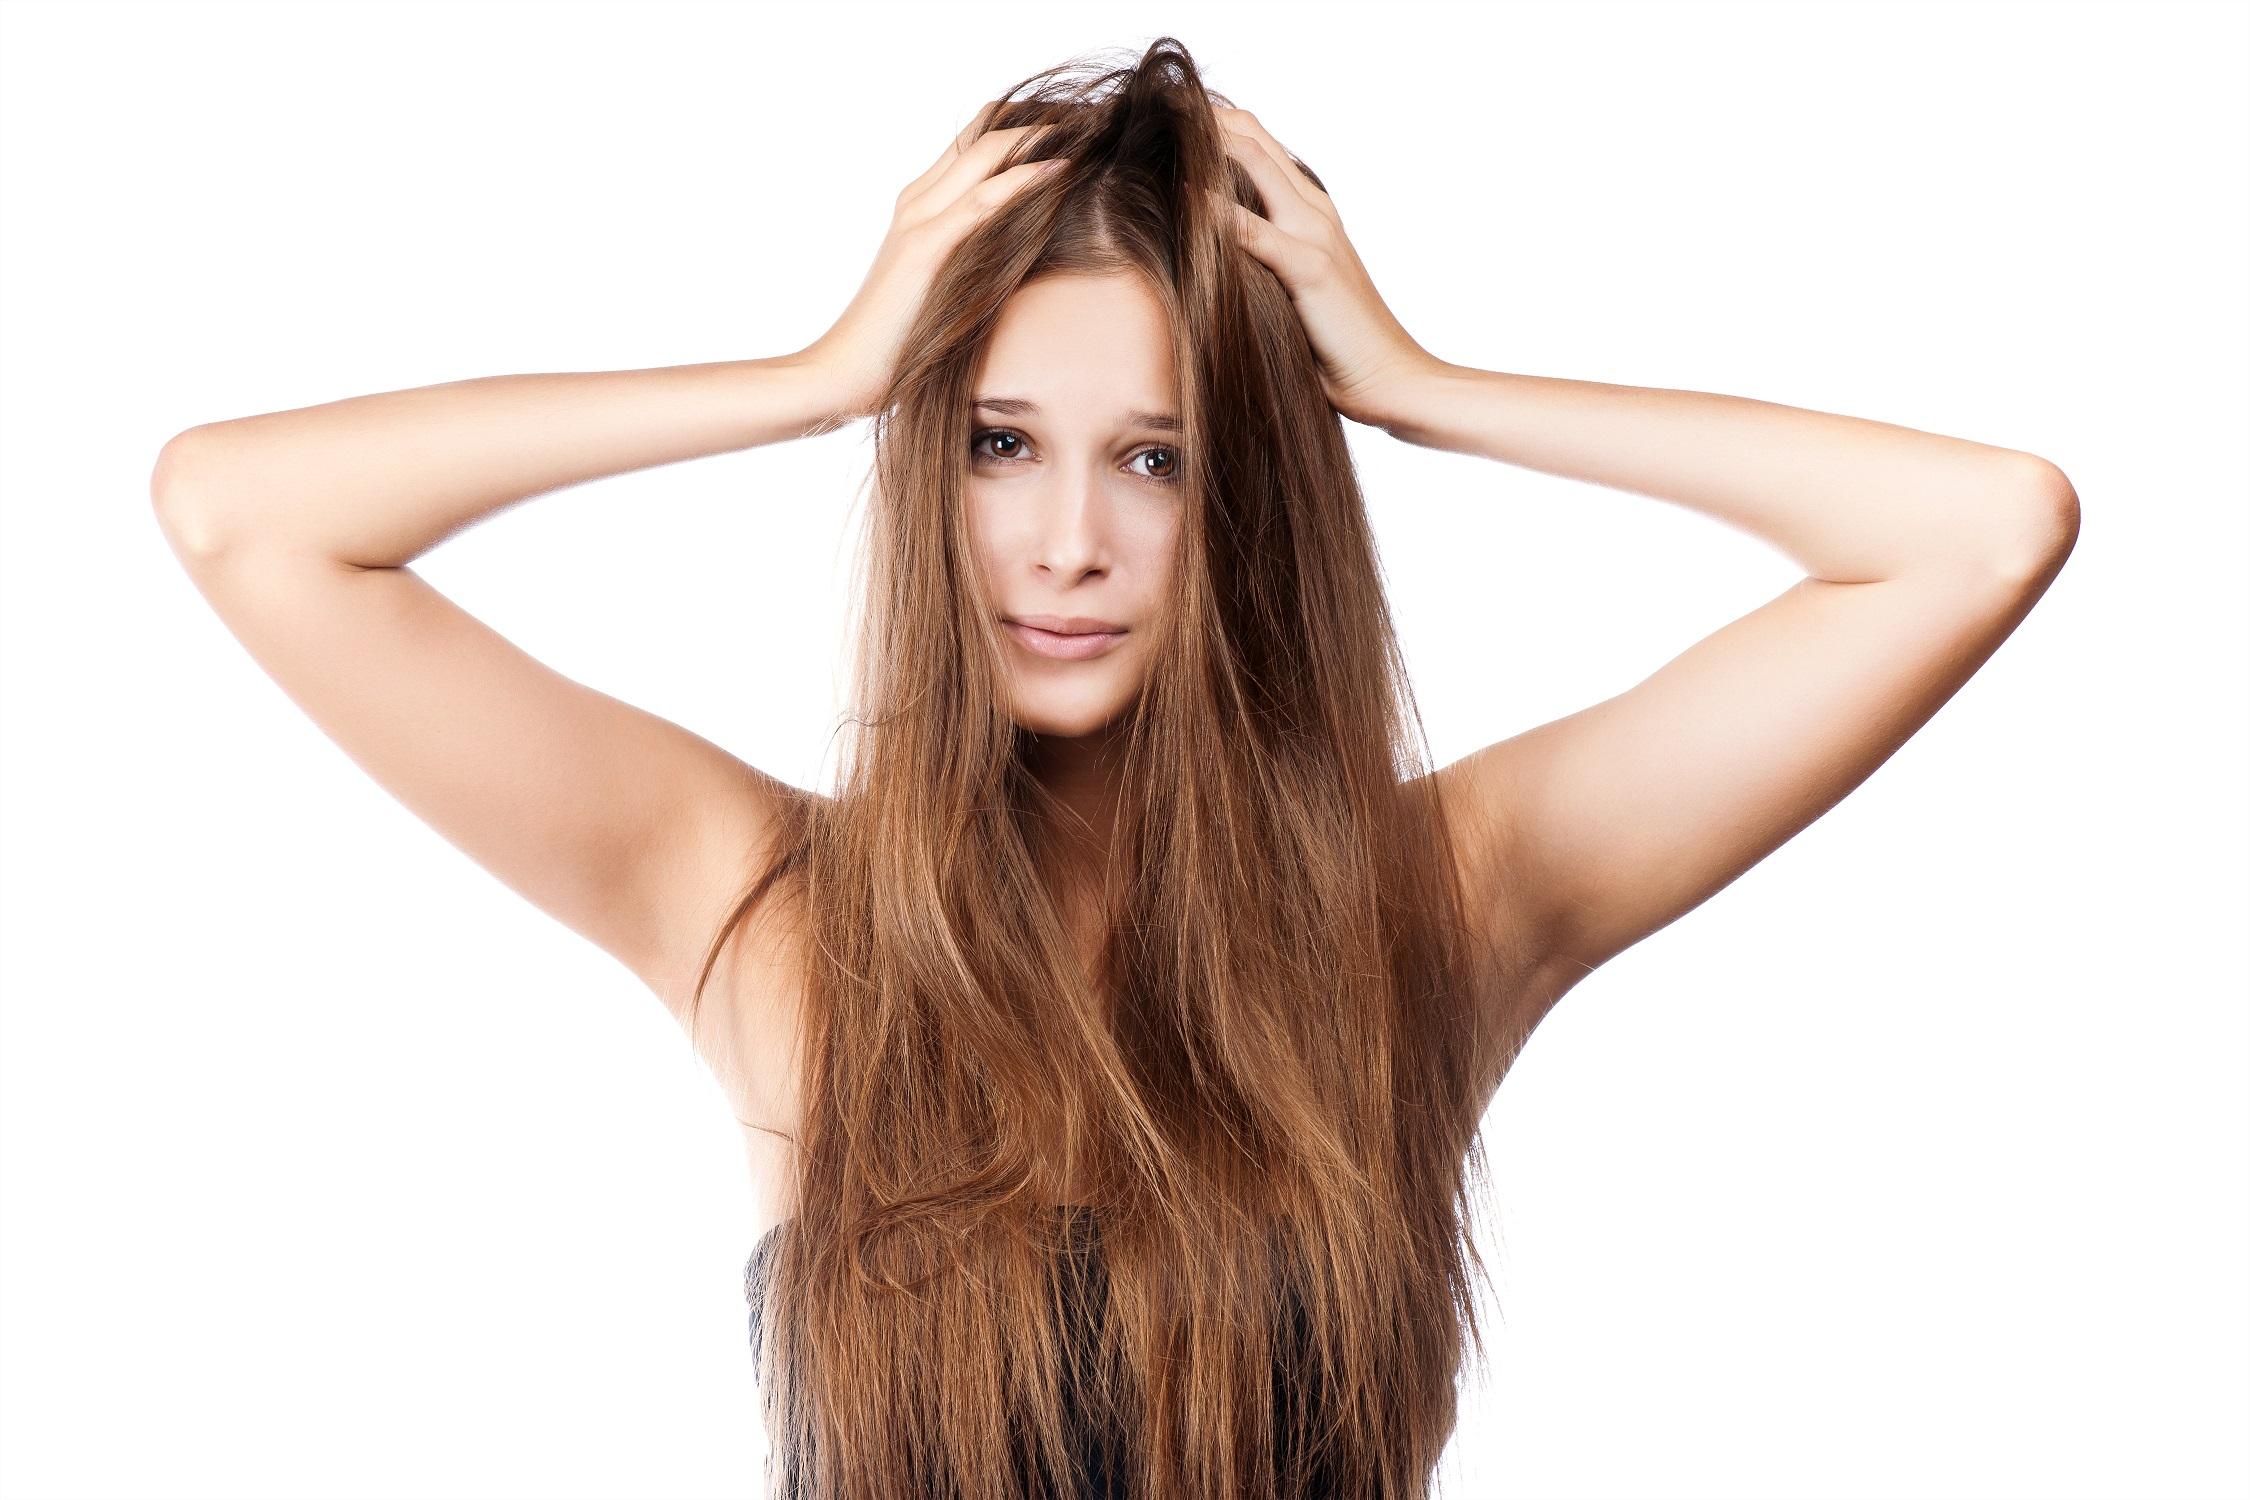 6 motive din cauza carora ti se ingrasa parul: solutii pentru fiecare problema!